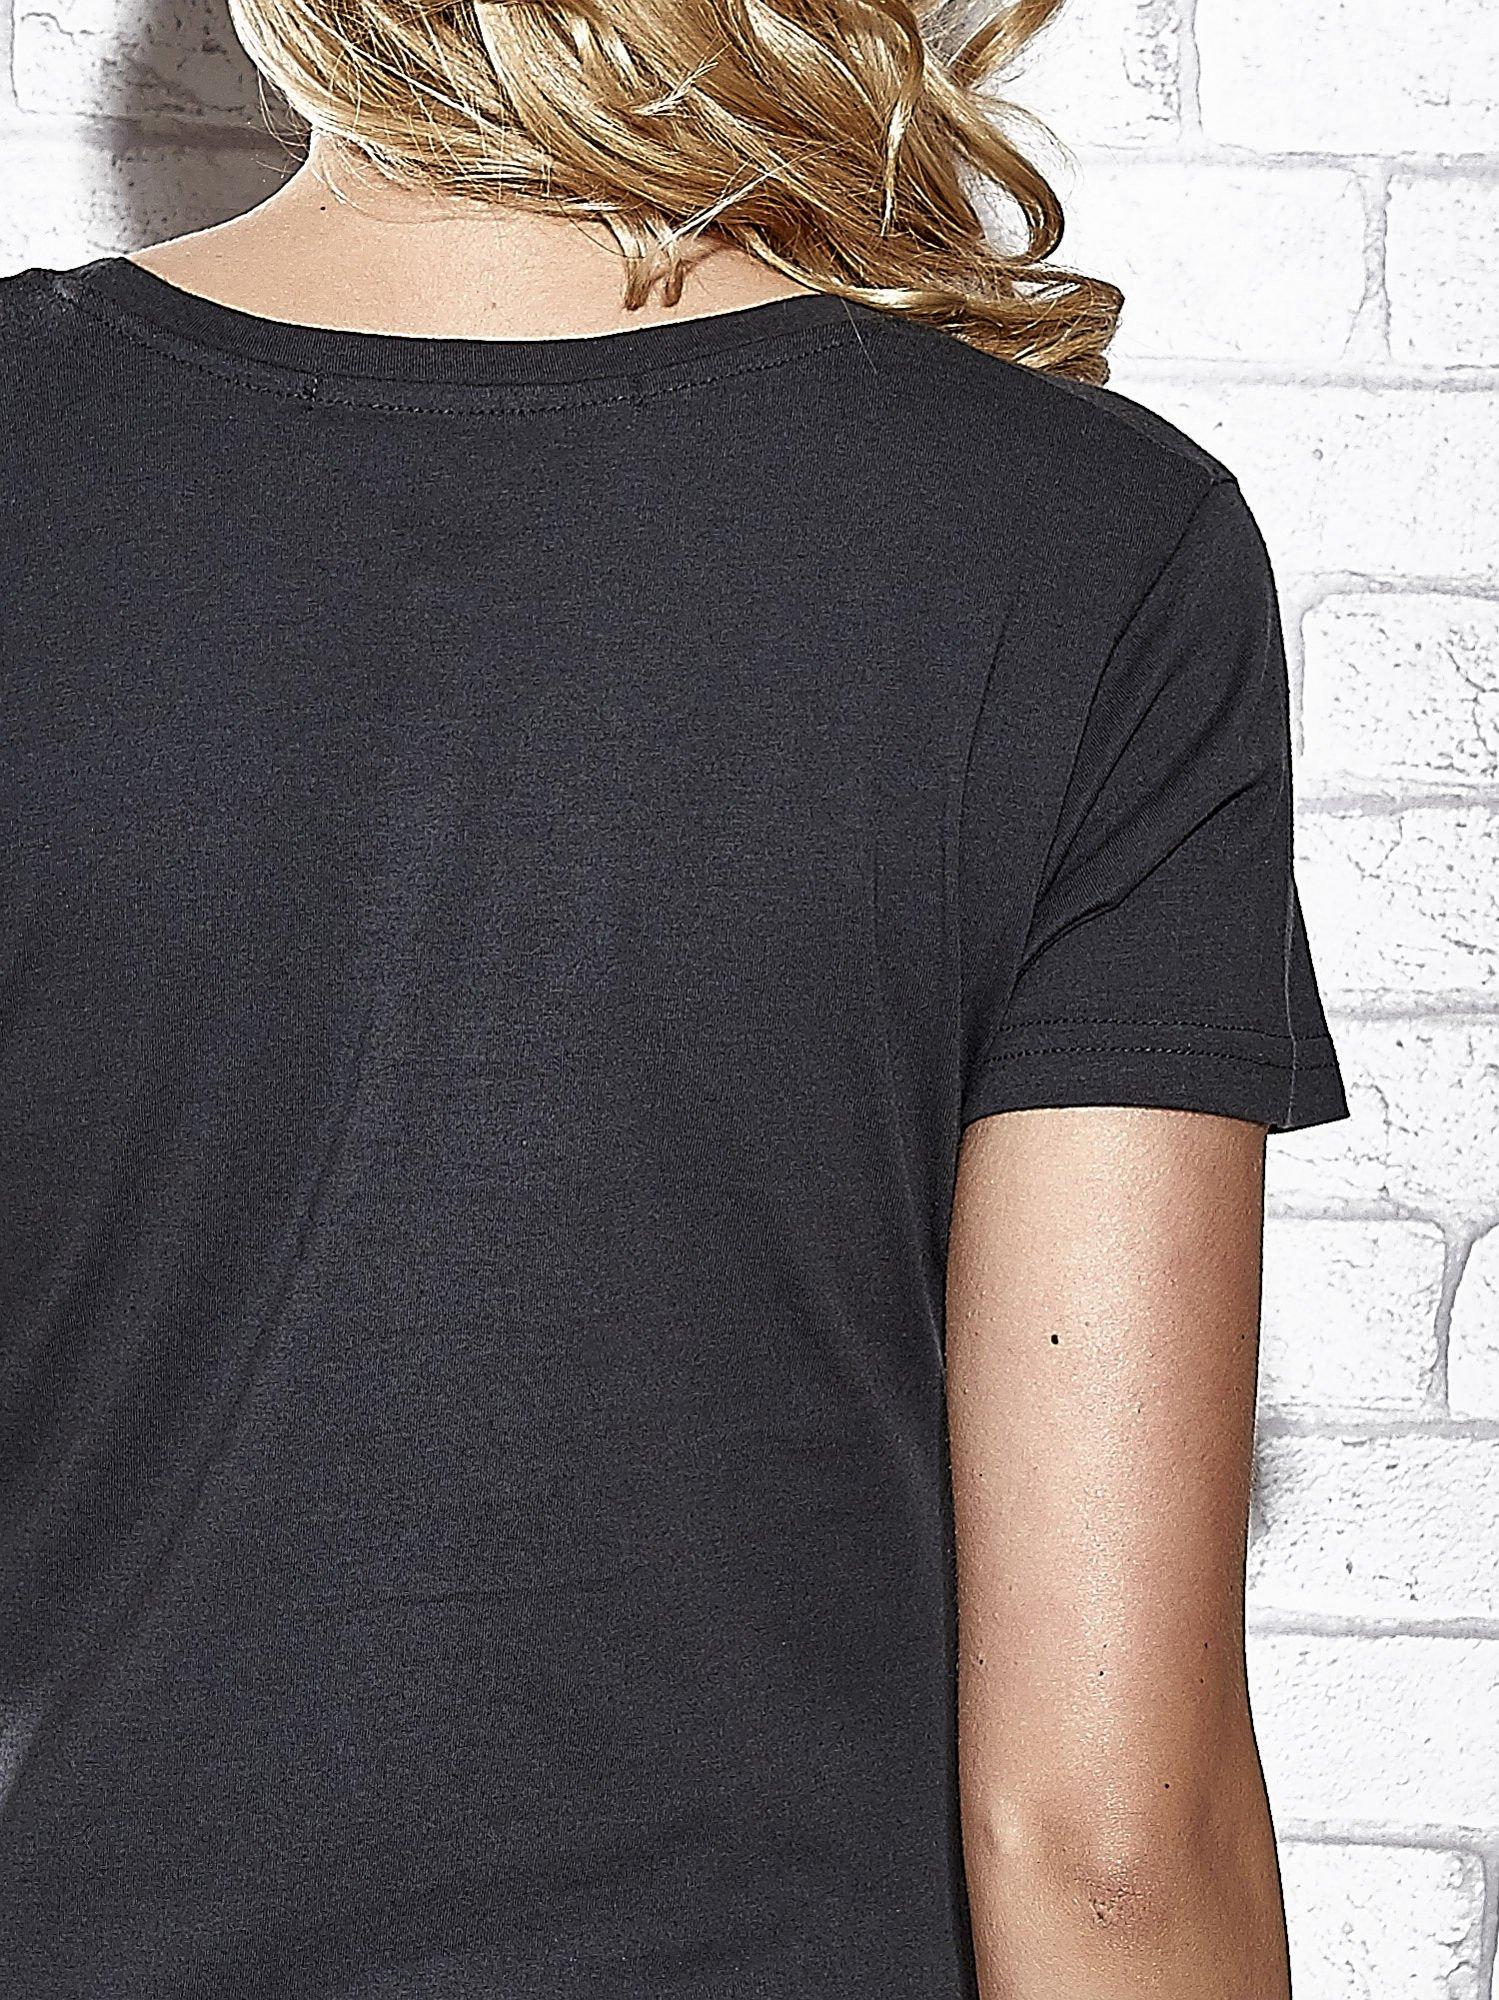 Szary t-shirt z nadrukiem królika Funk n Soul                                  zdj.                                  6